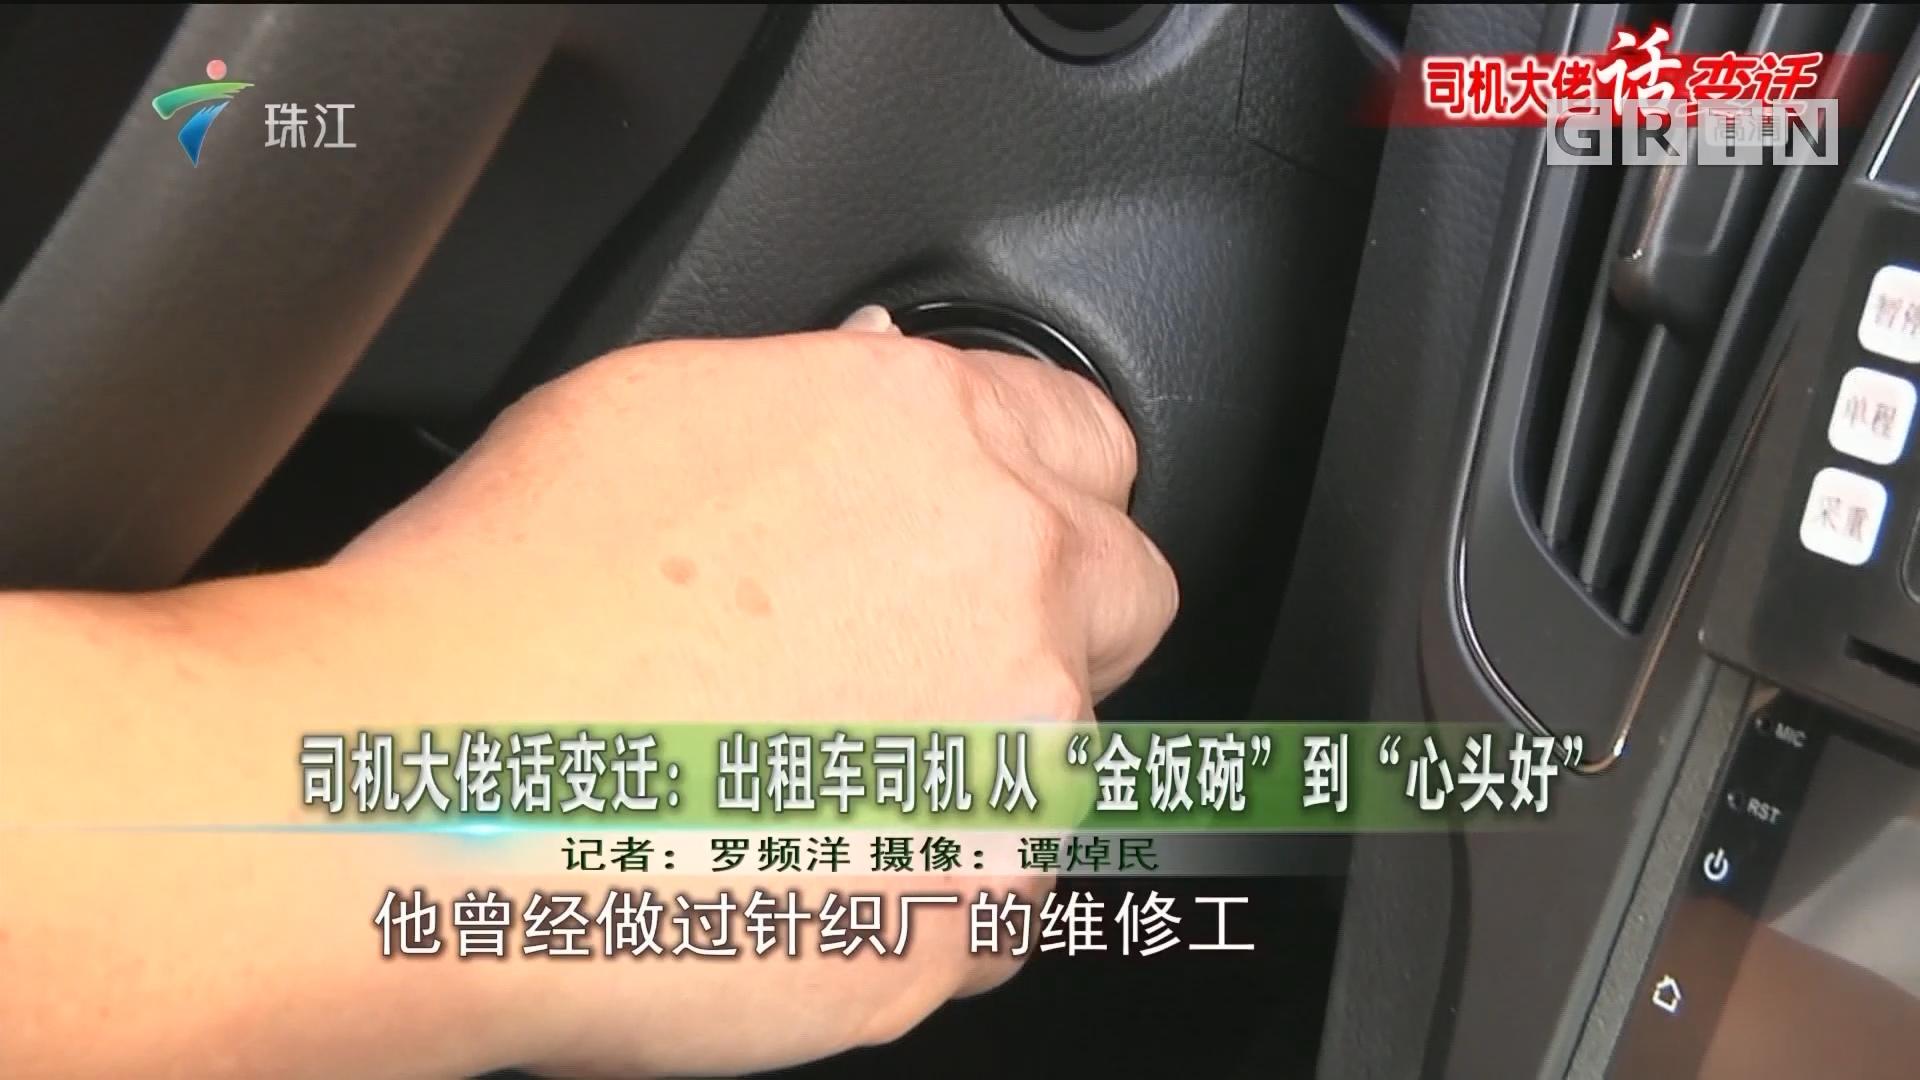 """司机大佬话变迁:出租车司机从""""金饭碗""""到""""心头好"""""""